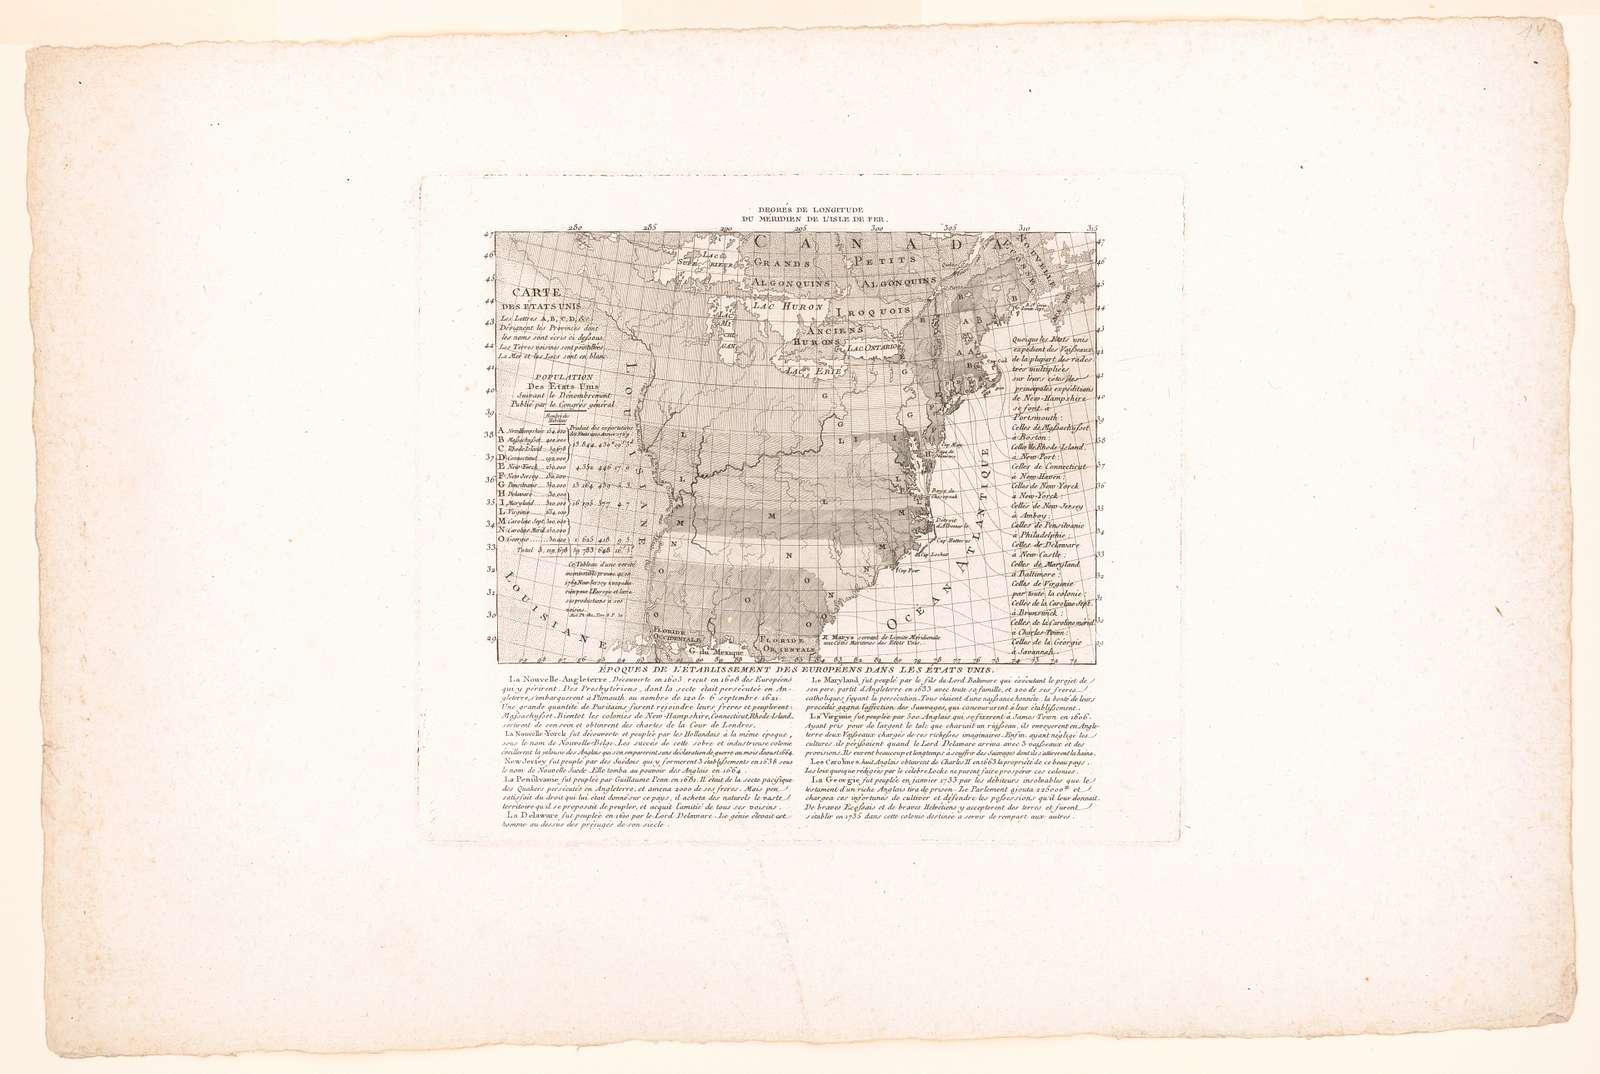 Époques de l'établissement des Européens dans les États unis R. Marys servant de Limite Méridionale aux Côtes Maritimes des Etats Unis